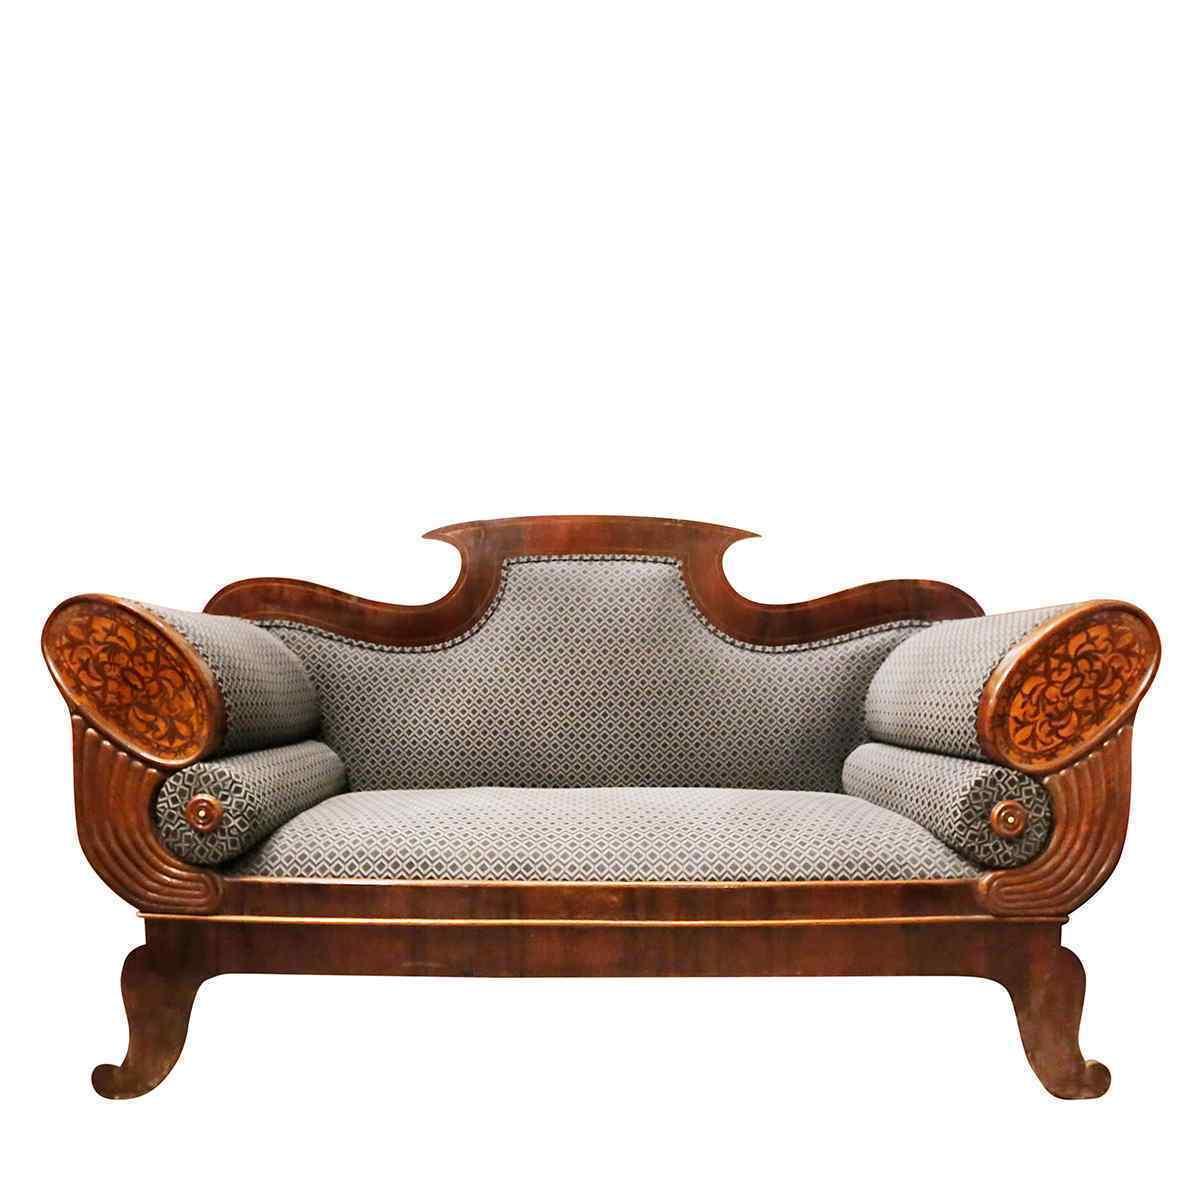 Spettacolare coppia di divani Biedermaier